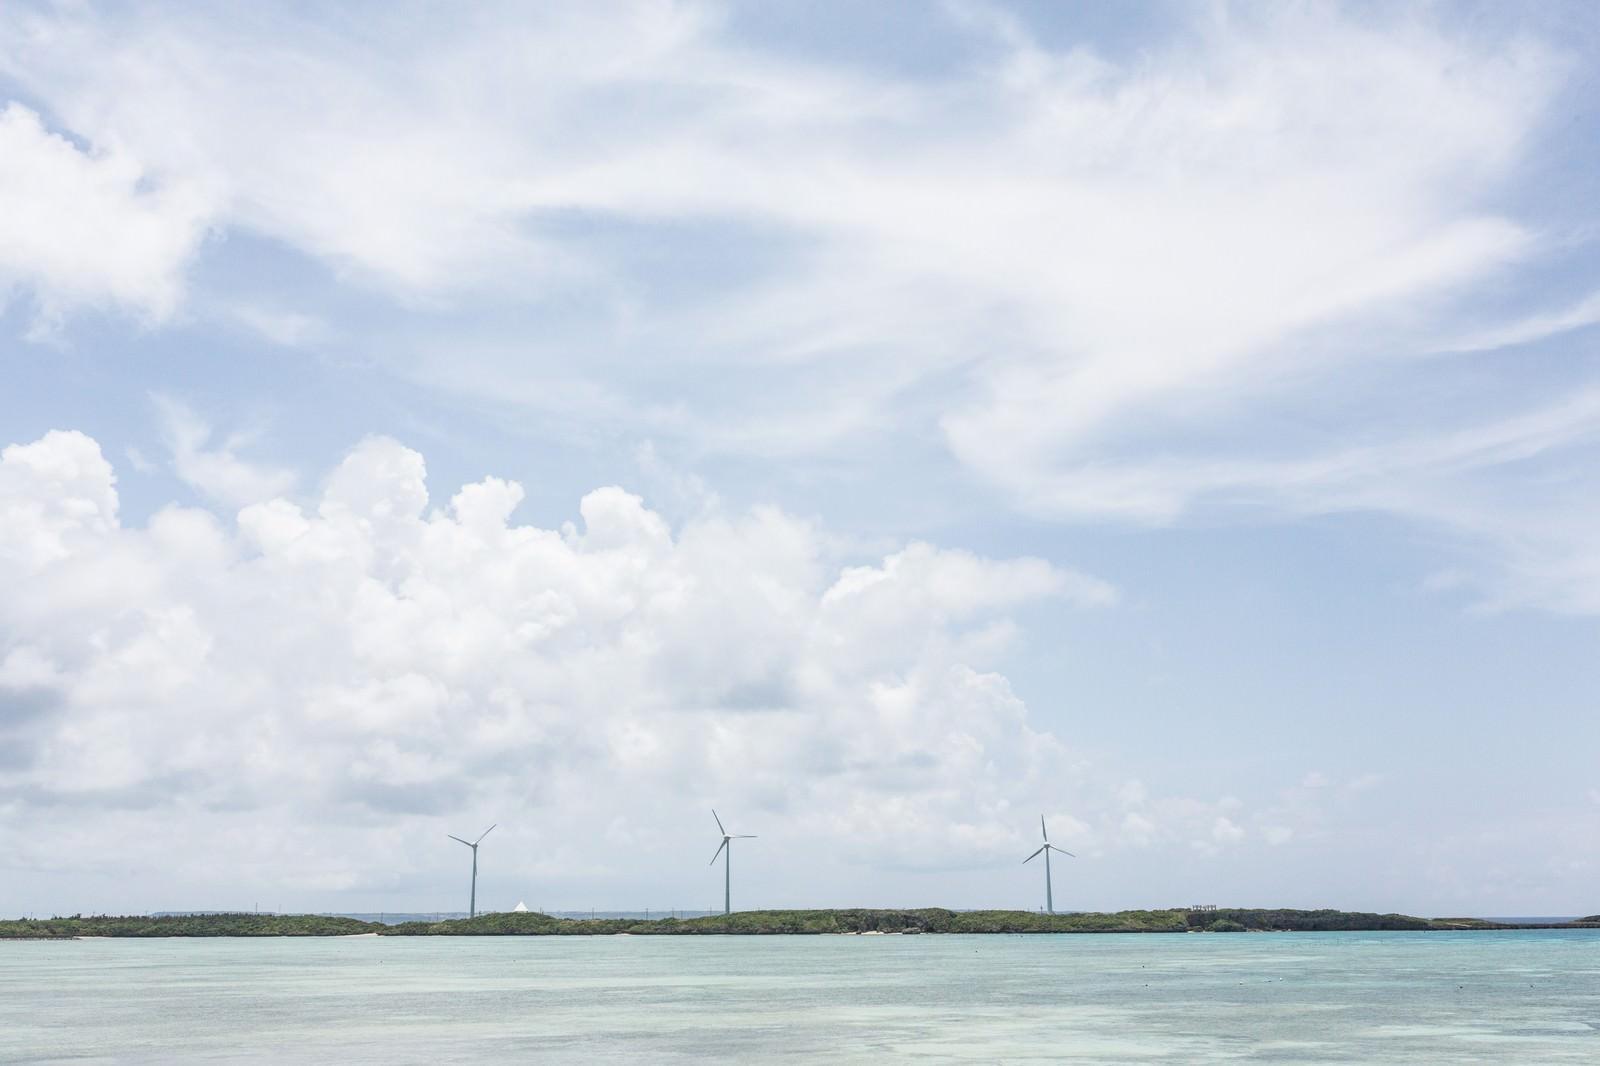 「透き通る海と風力発電」の写真